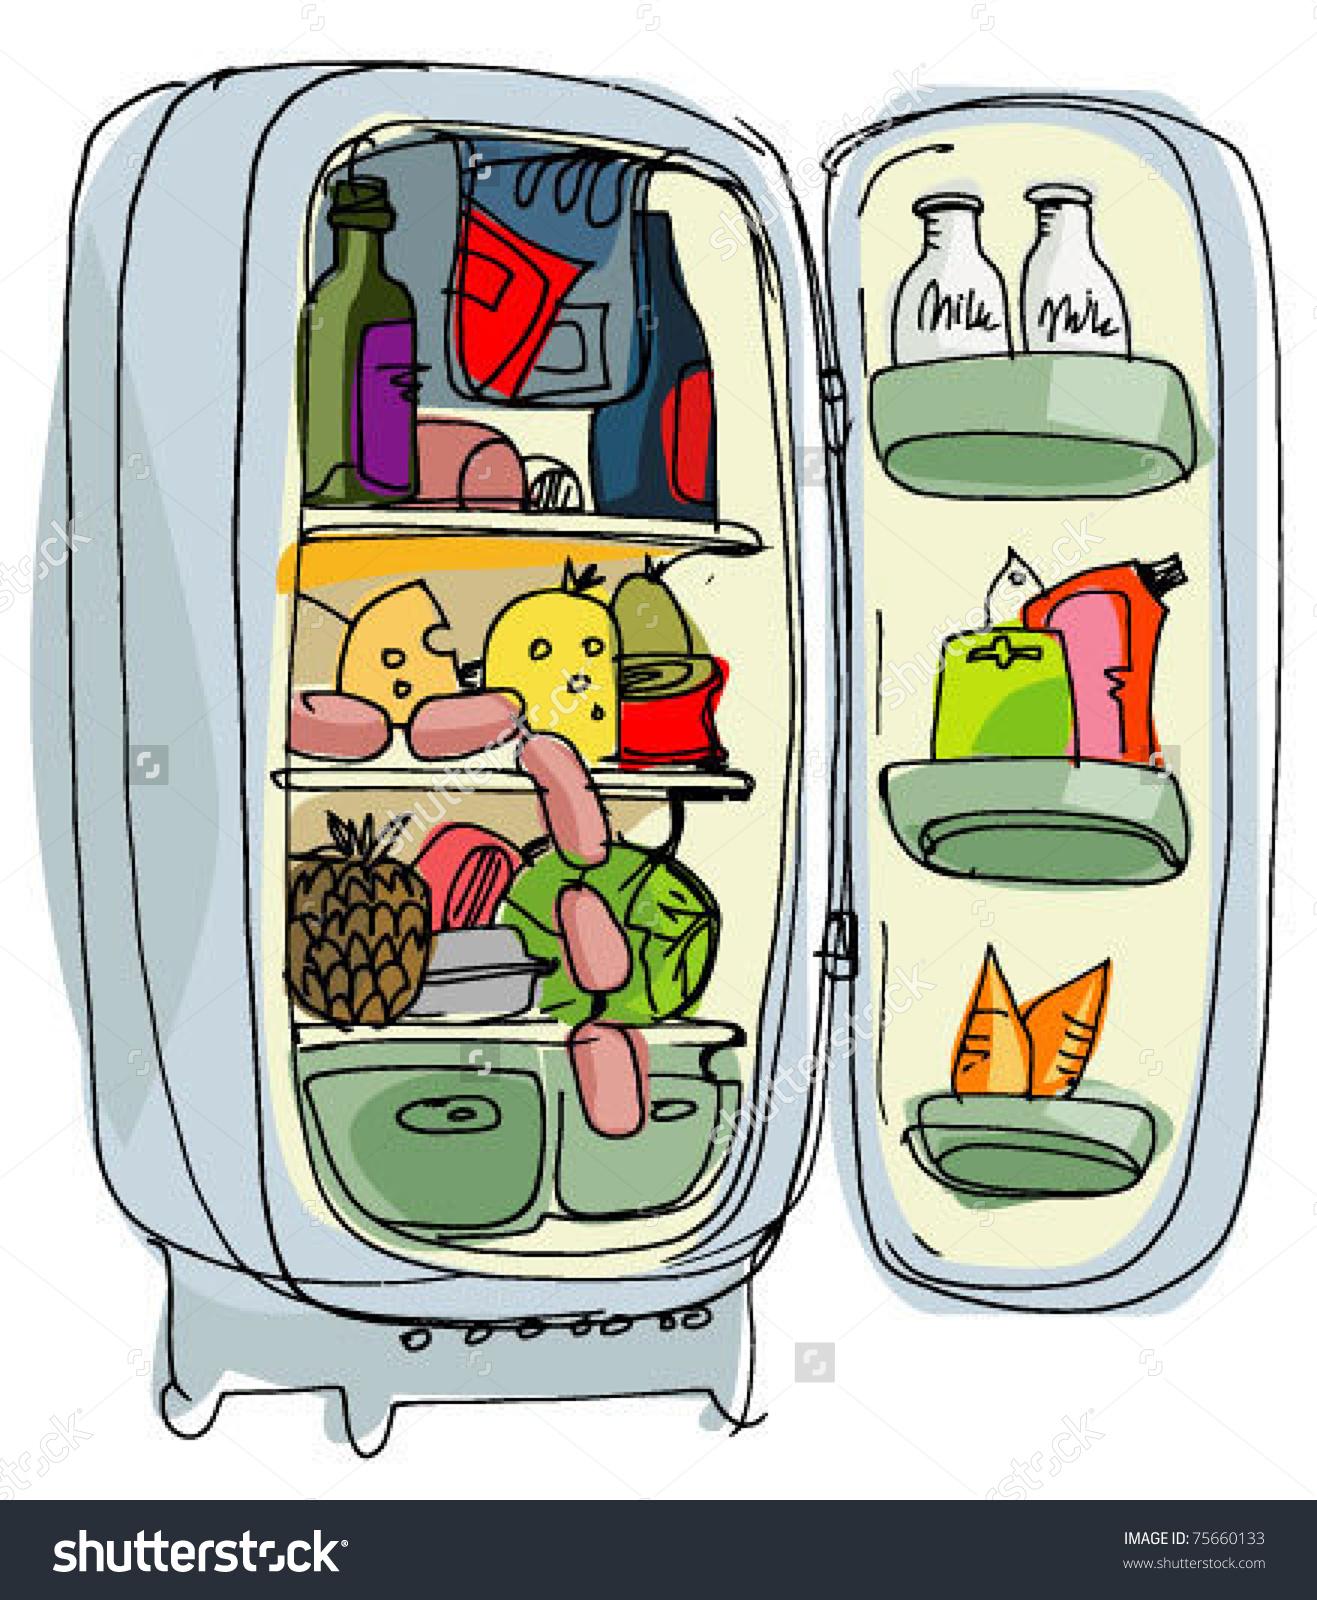 Full refrigerator clipart.